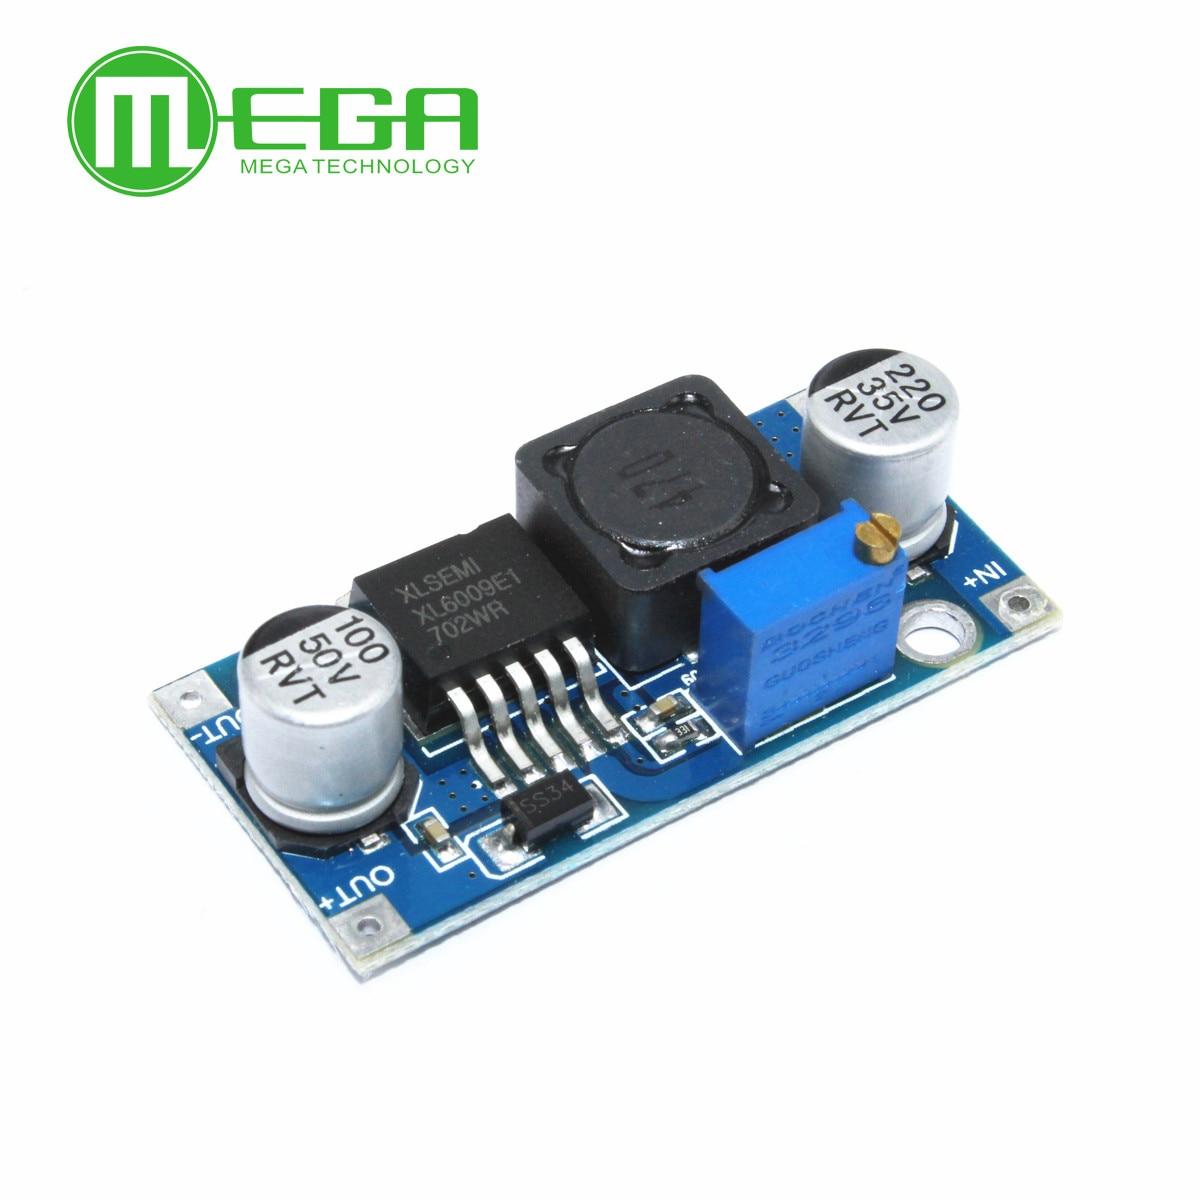 XL6009 DC-DC усилитель модуль питания модуль Выход Регулируемый супер LM2577 Повышающий Модуль